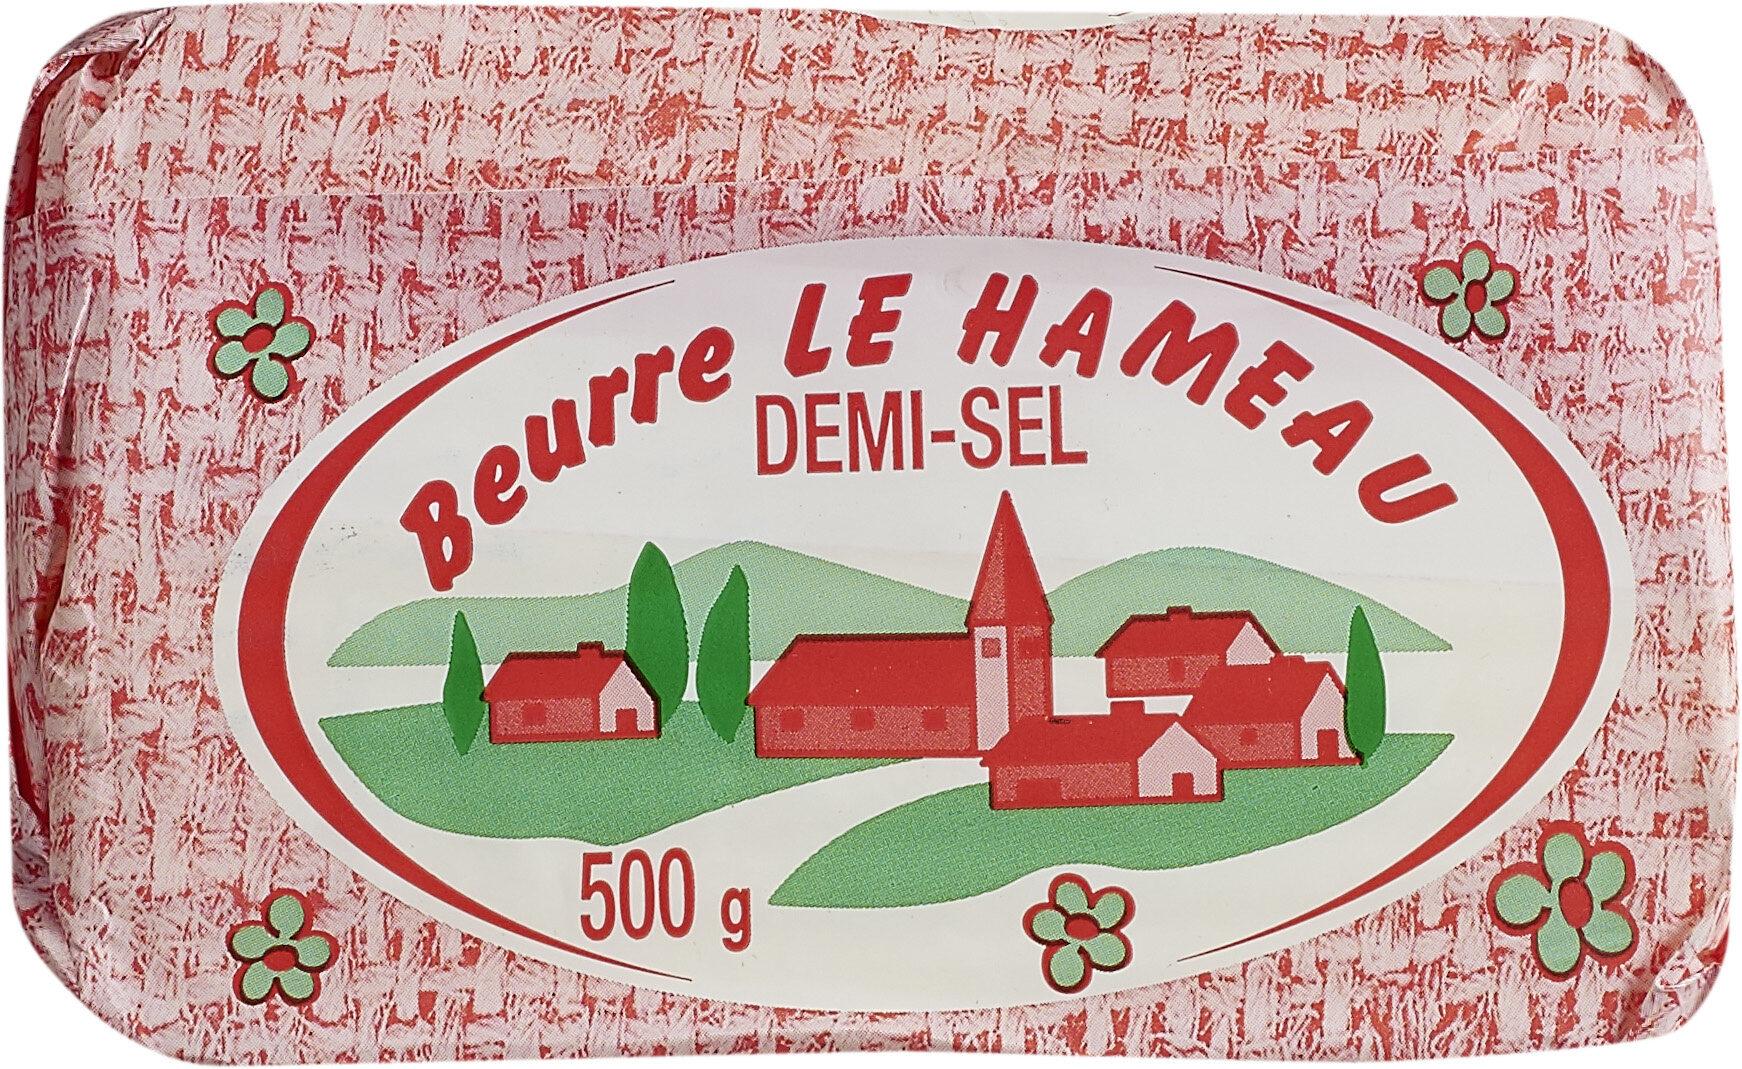 Beurre Le Hameau demi-sel - Produit - fr